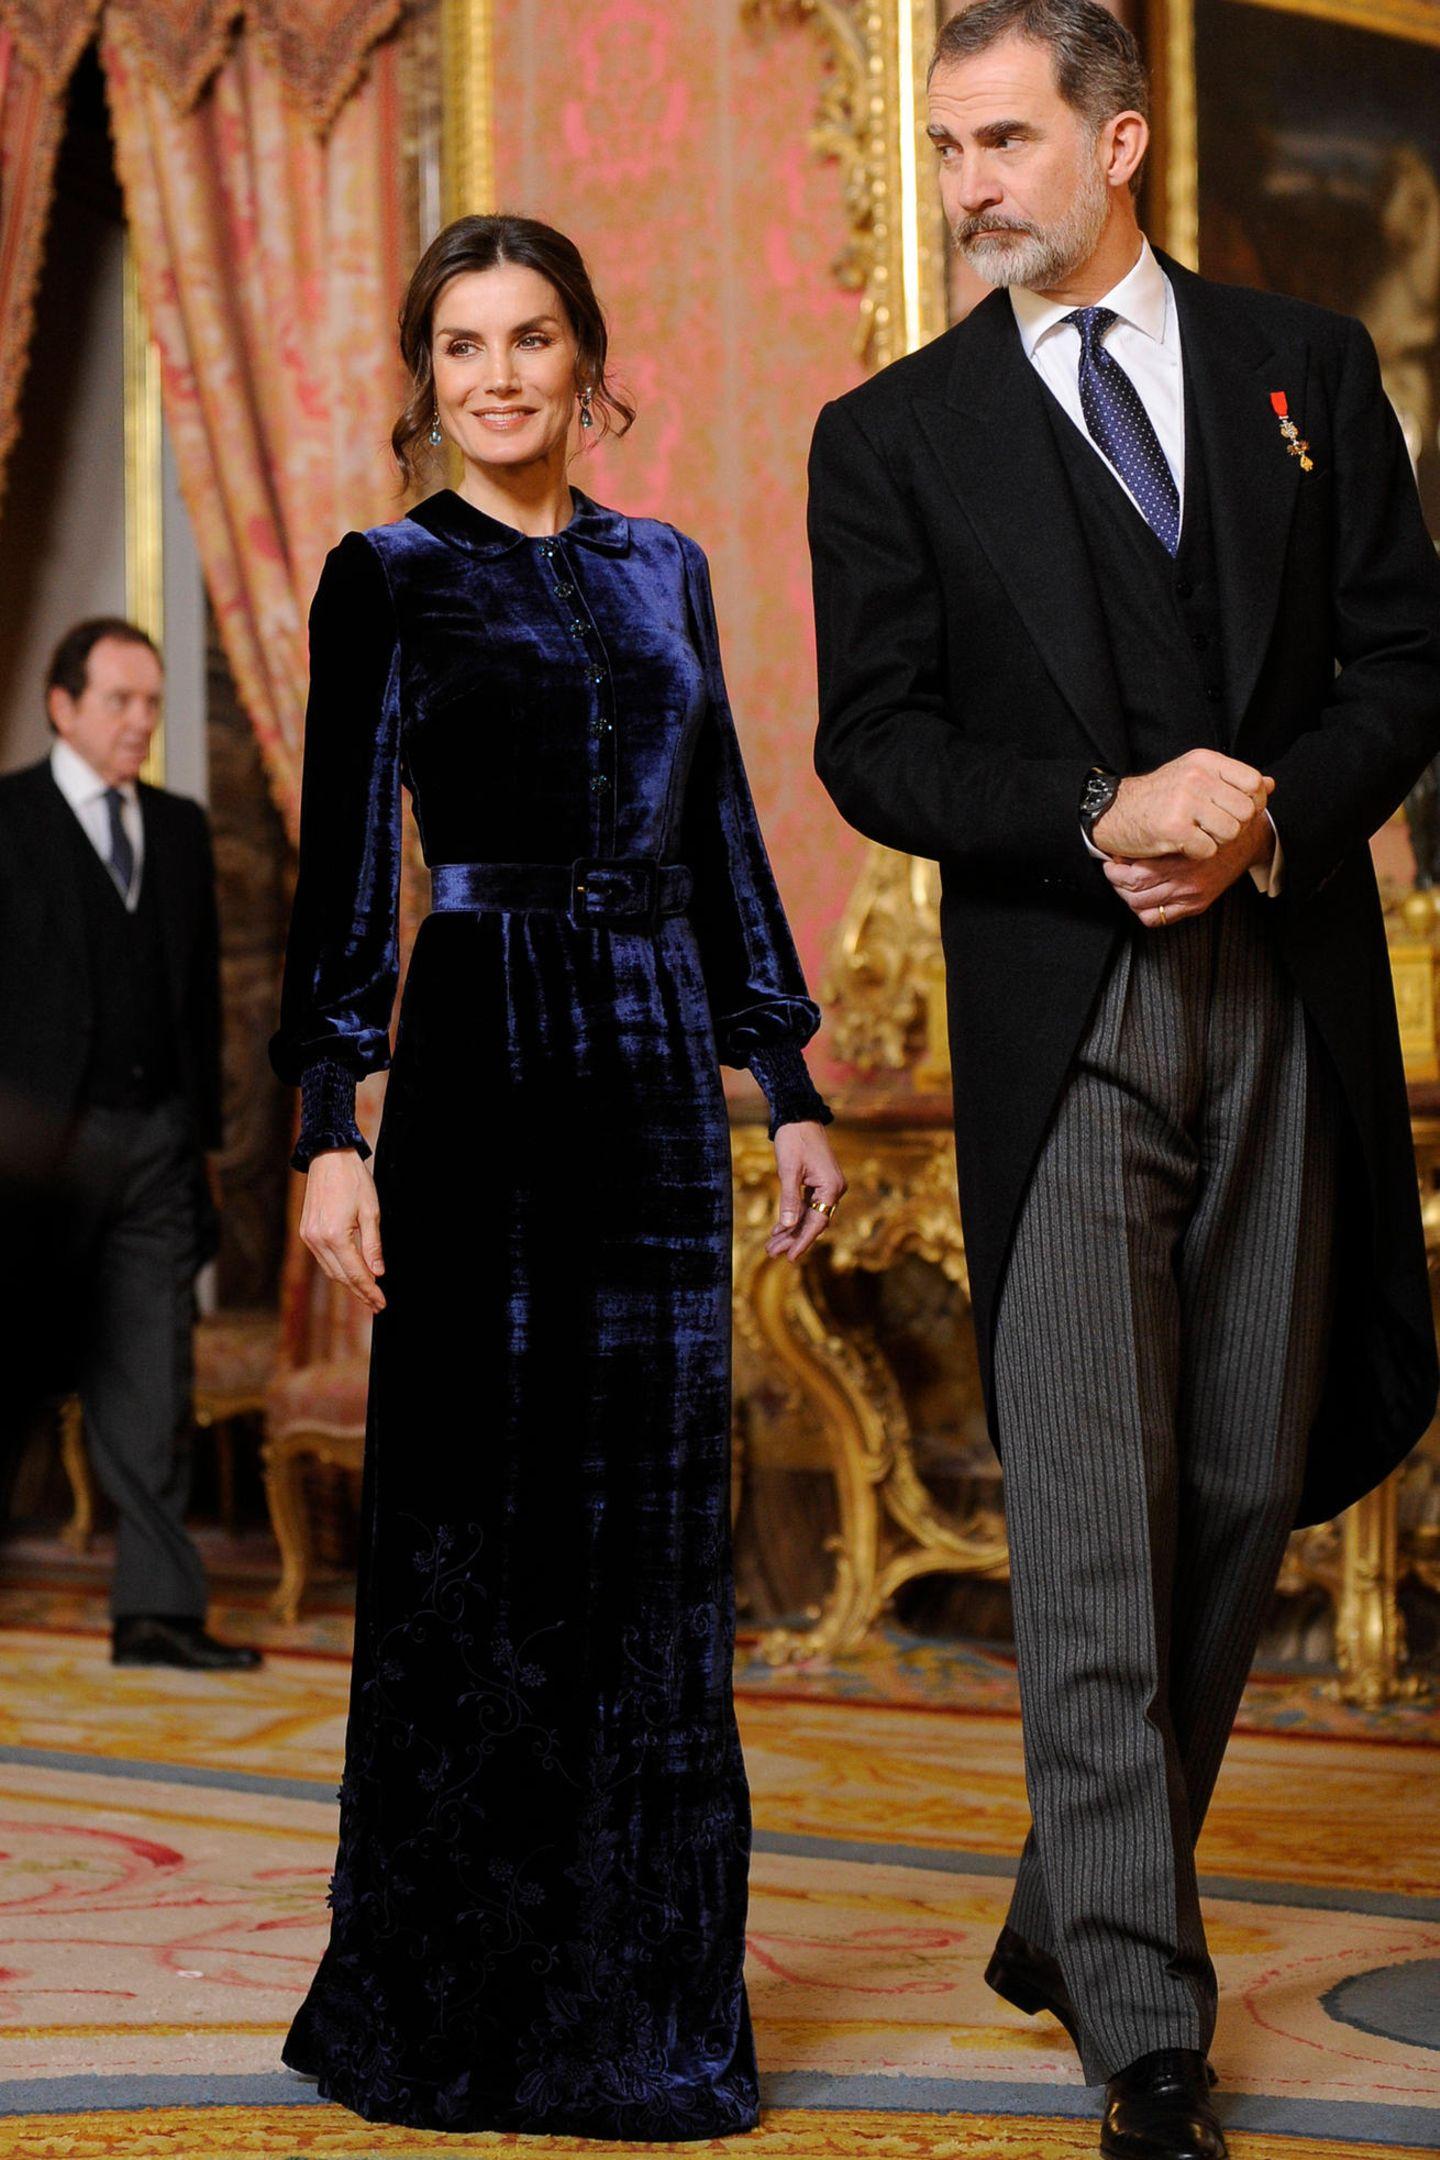 Wow, Königin Letizia strahlt bei einem Empfang in Madrid: Sie trägt ein hochgeschlossenes Samtkleid in - wie passend - Königsblau von Felipe Varela.